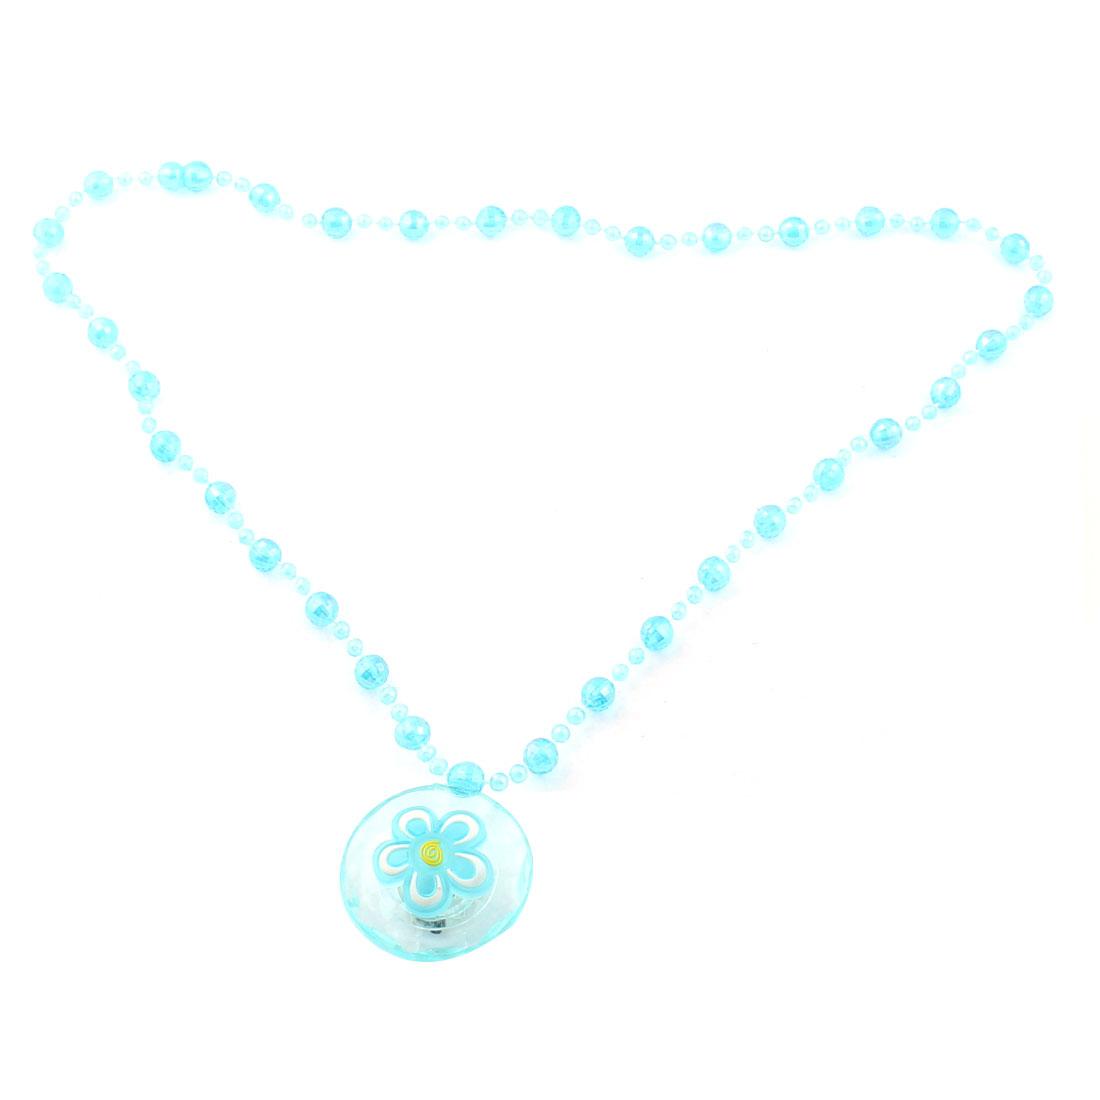 Round Pendant LED Light Up Flashing Blinking Neck Decor Glow Necklace